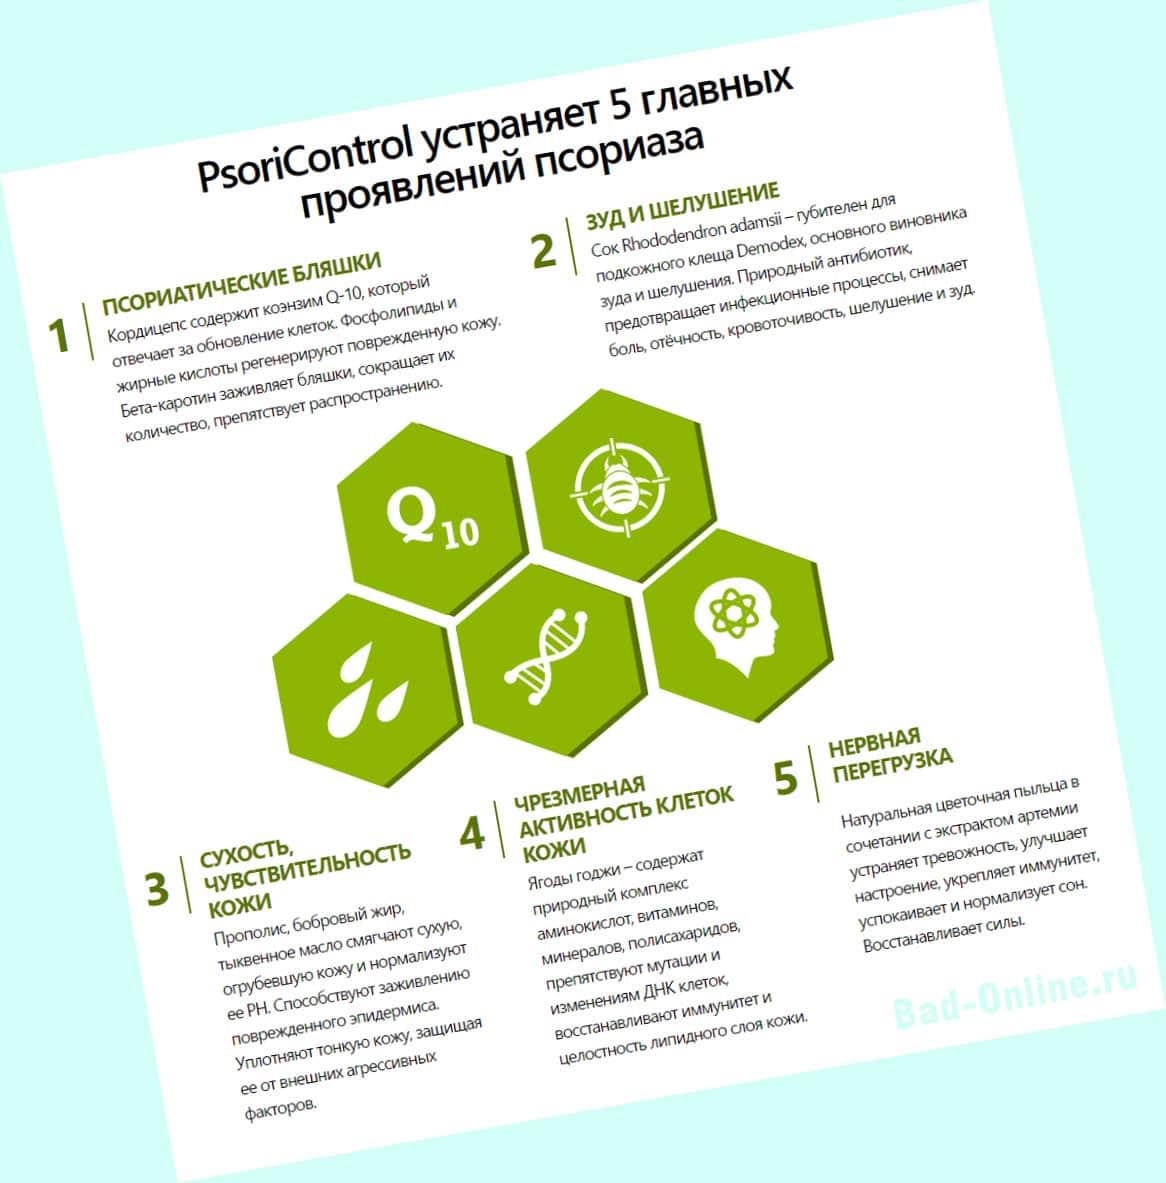 В чем преимущества PsoriControl от псориаза?